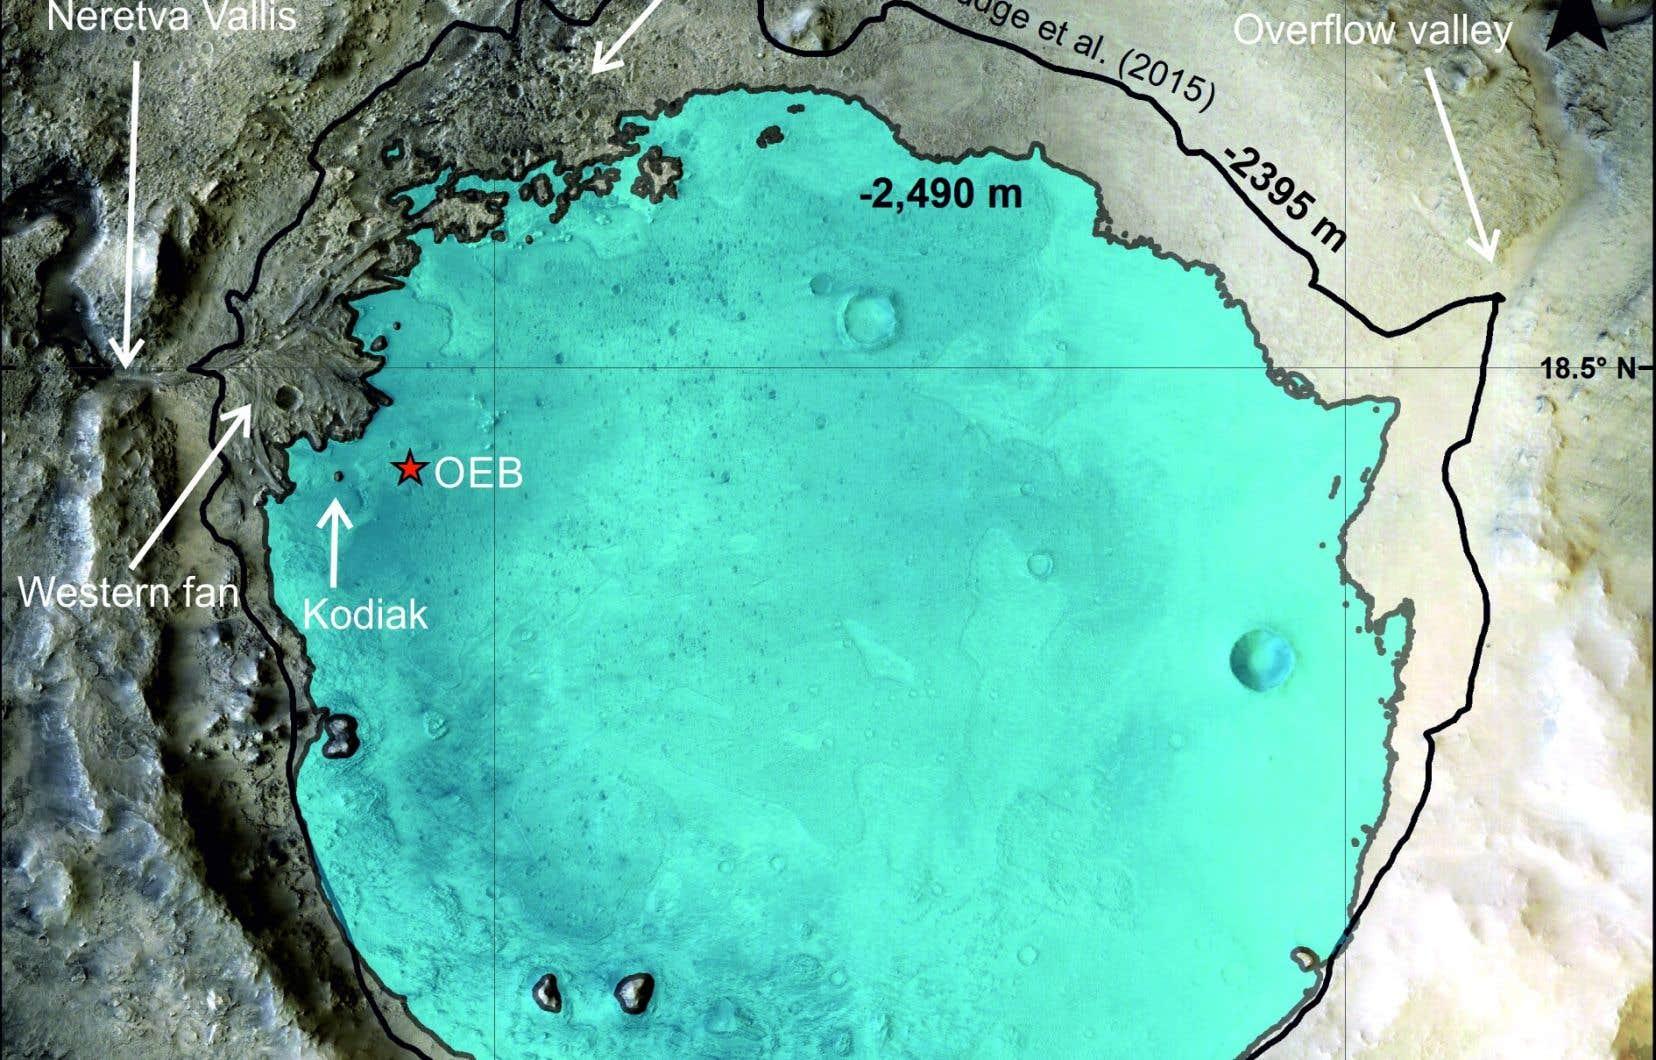 En bleu, on peut voir le niveau du lac dans le cratère Jezero tel qu'estimé à partir des observations effectuées depuis «Perseverance», qui est actuellement à 2 km du delta. Ce niveau était 100 m plus bas que le niveau suggéré par les données satellitaires.